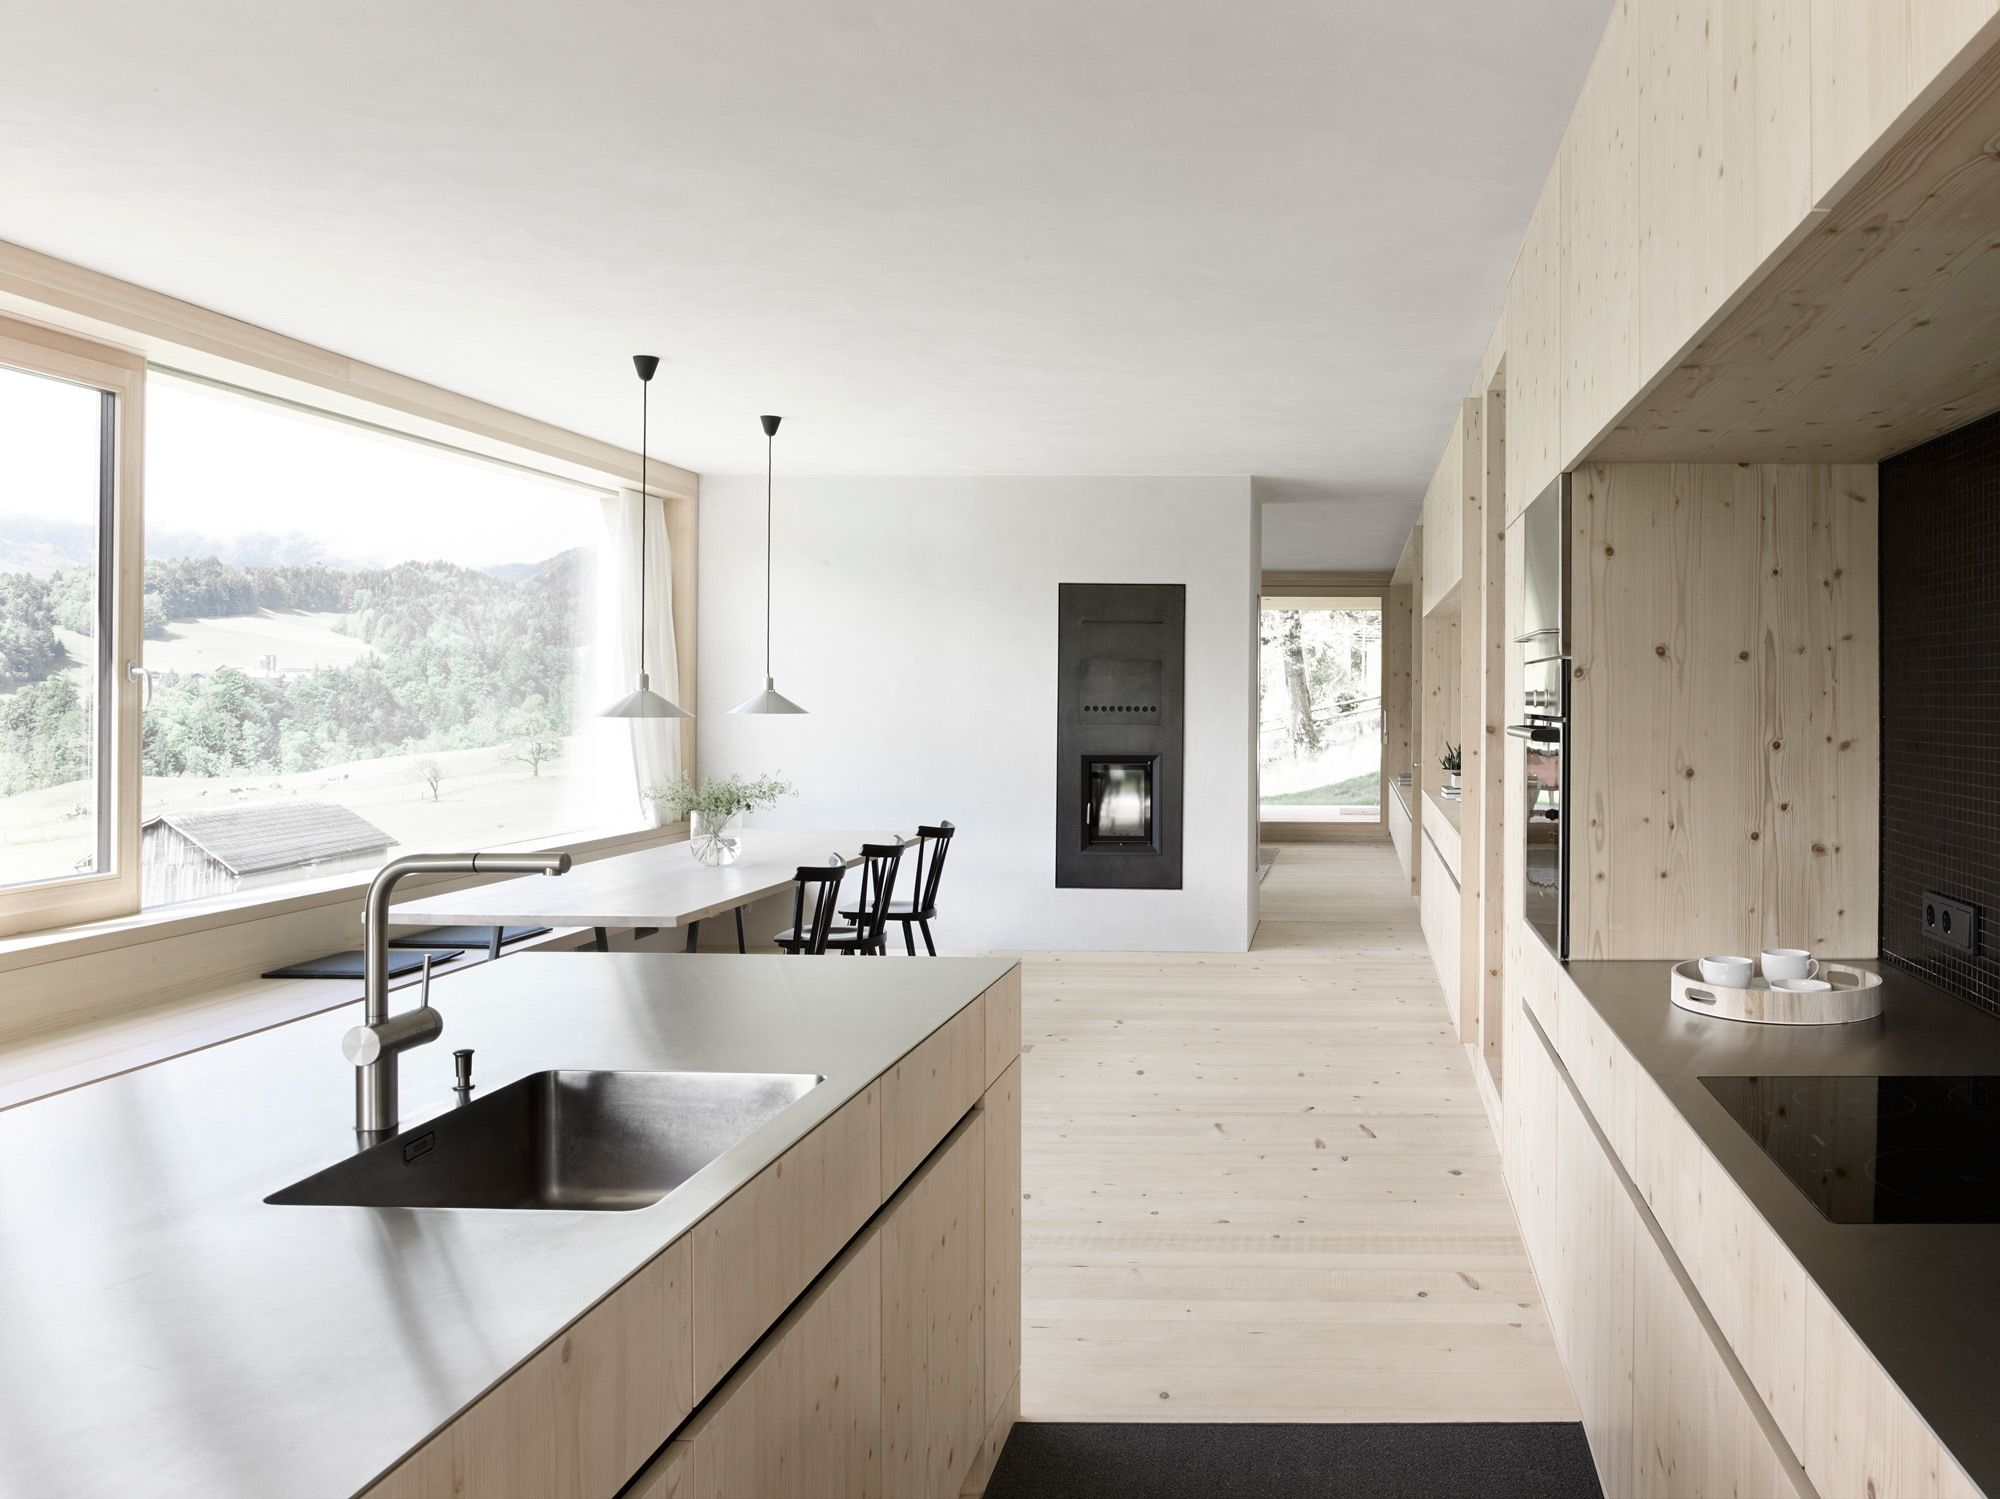 für julia und björn - wohnhaus von innauer matt in vorarlberg | news, Innenarchitektur ideen